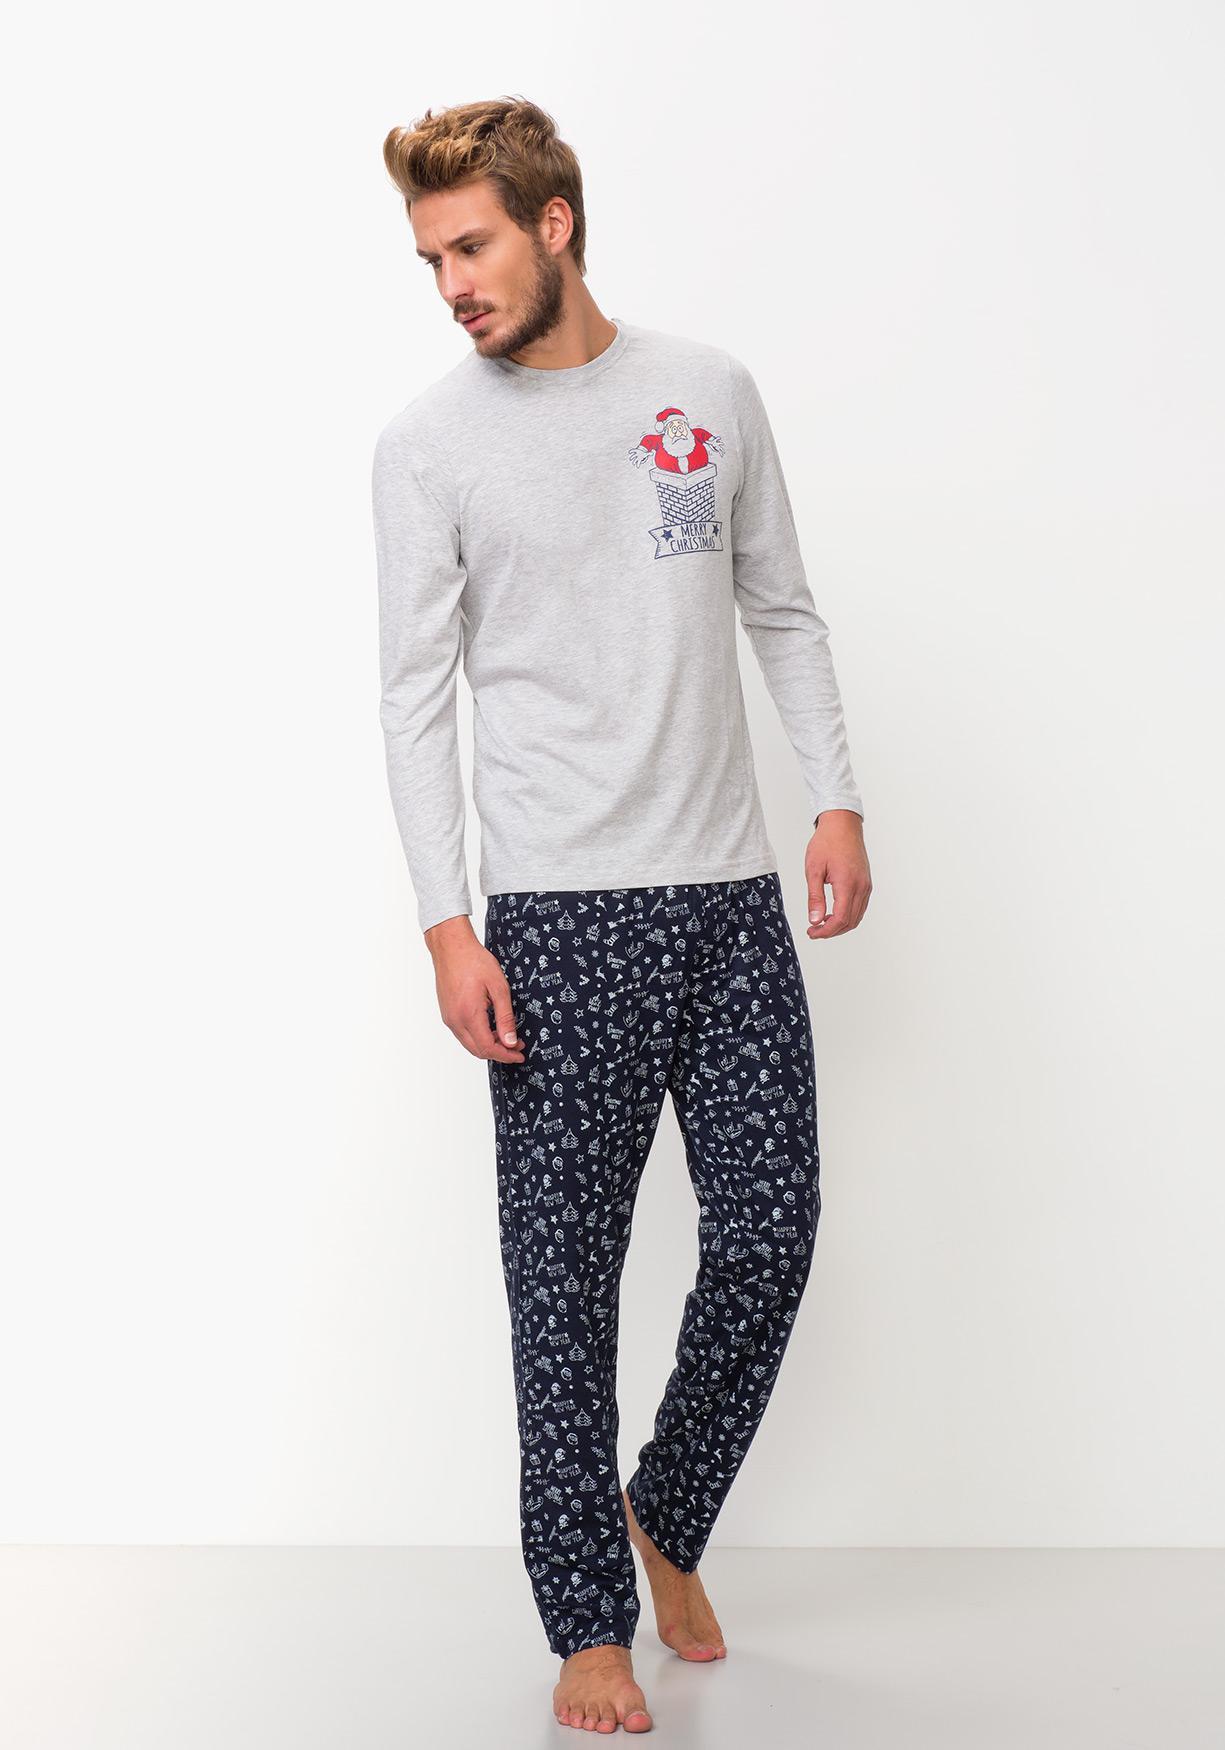 Comprar Pijama de Navidad TEX. ¡Aprovéchate de nuestros precios y ... a3a969af1f6